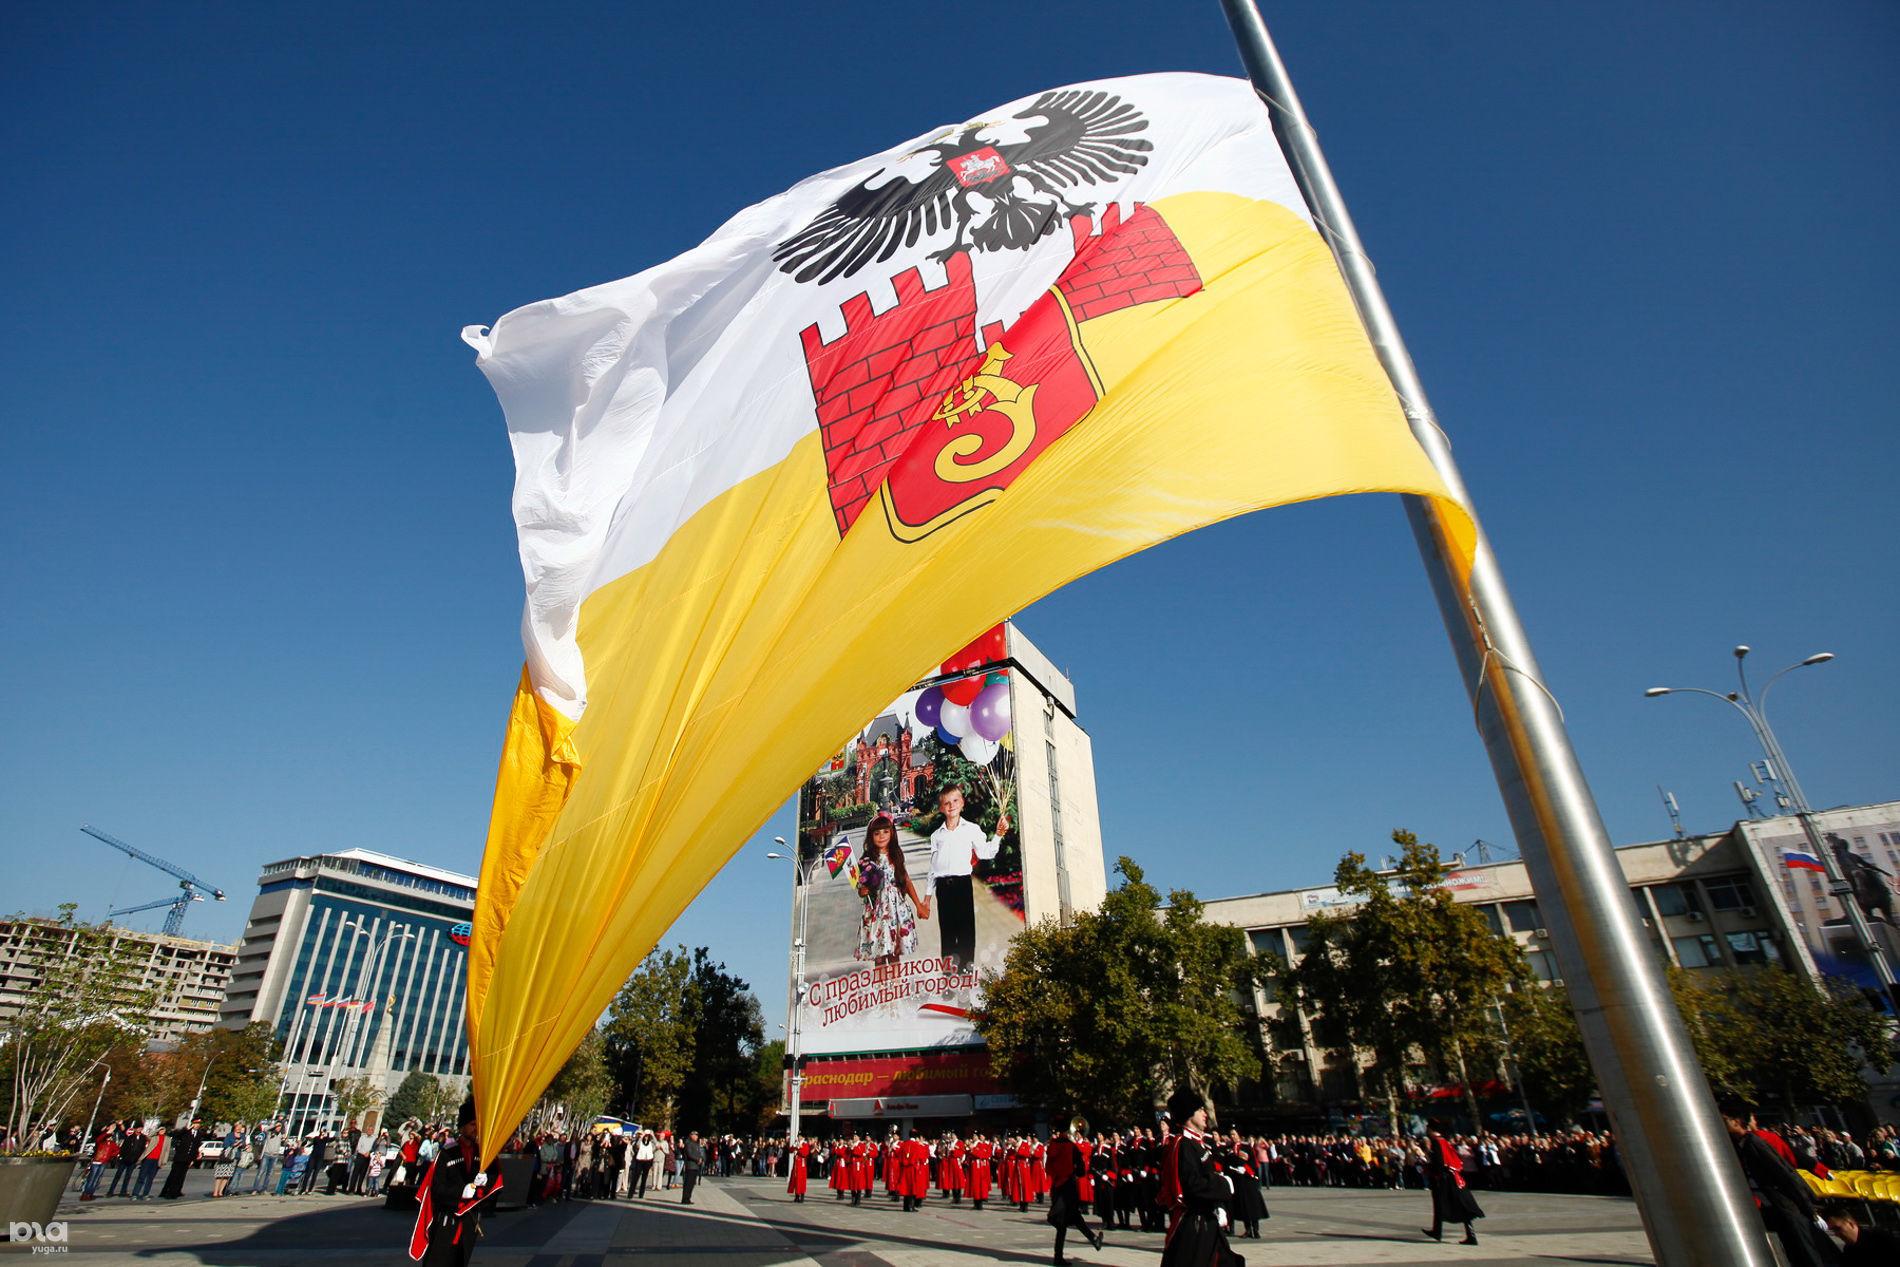 День города в Краснодаре: Церемония поднятия флага ©Фото Елены Синеок, Юга.ру